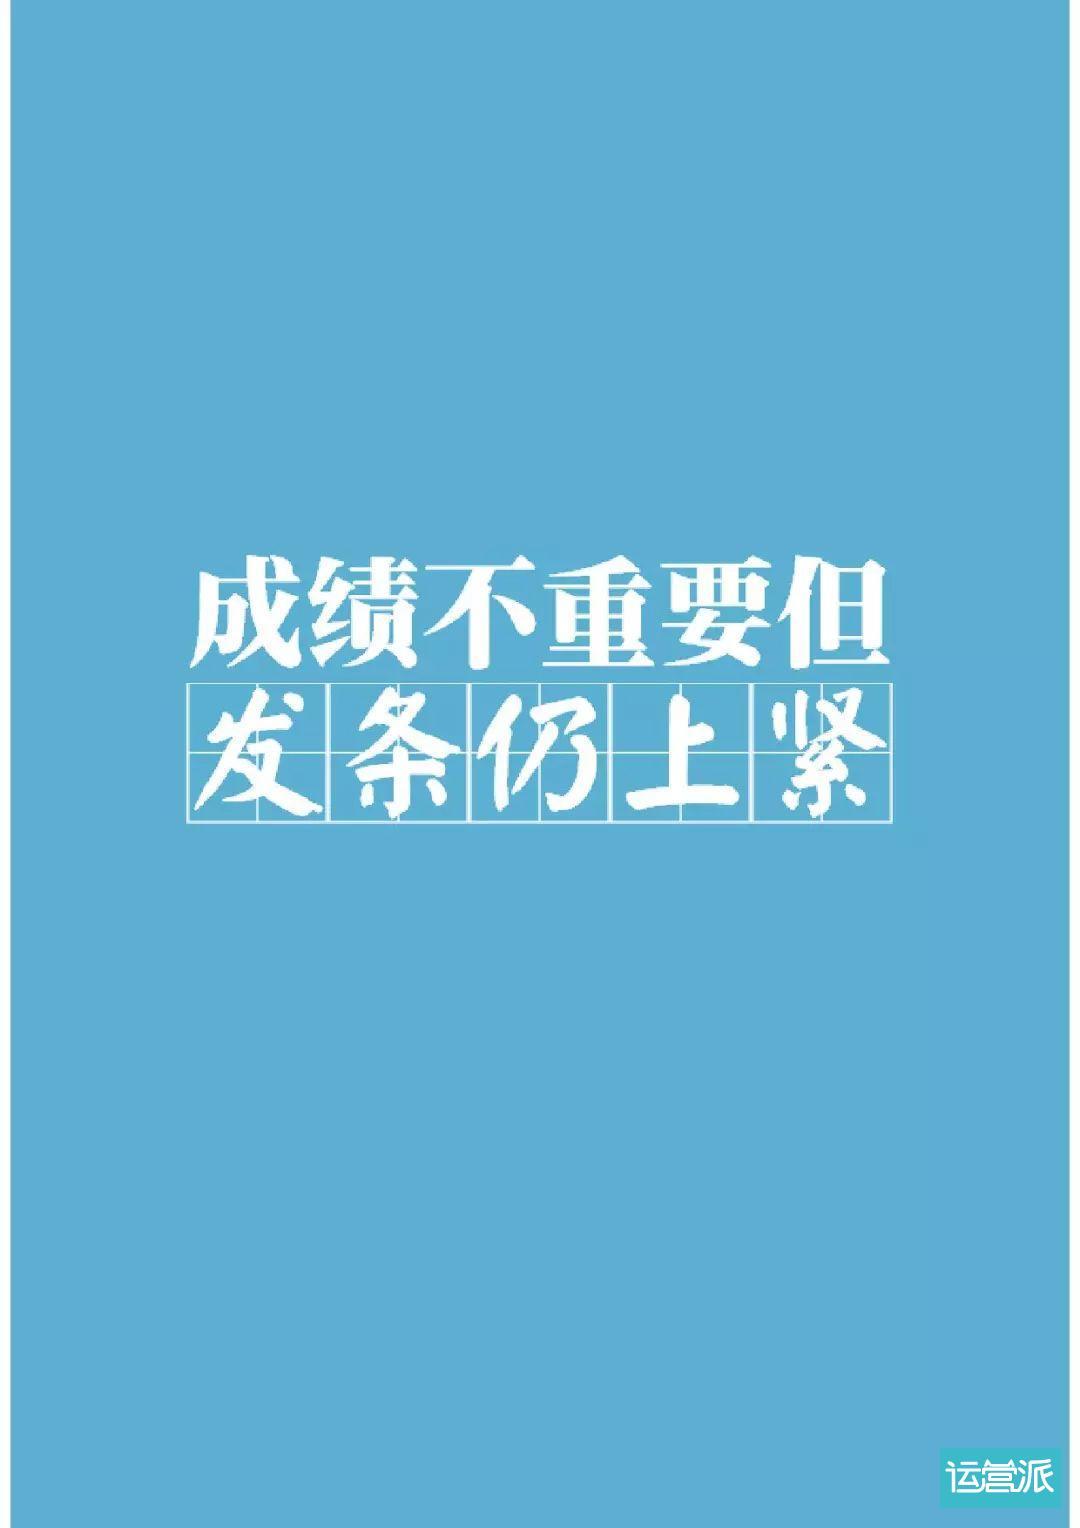 千禧一代:中国00后群体研究报告(附下载)